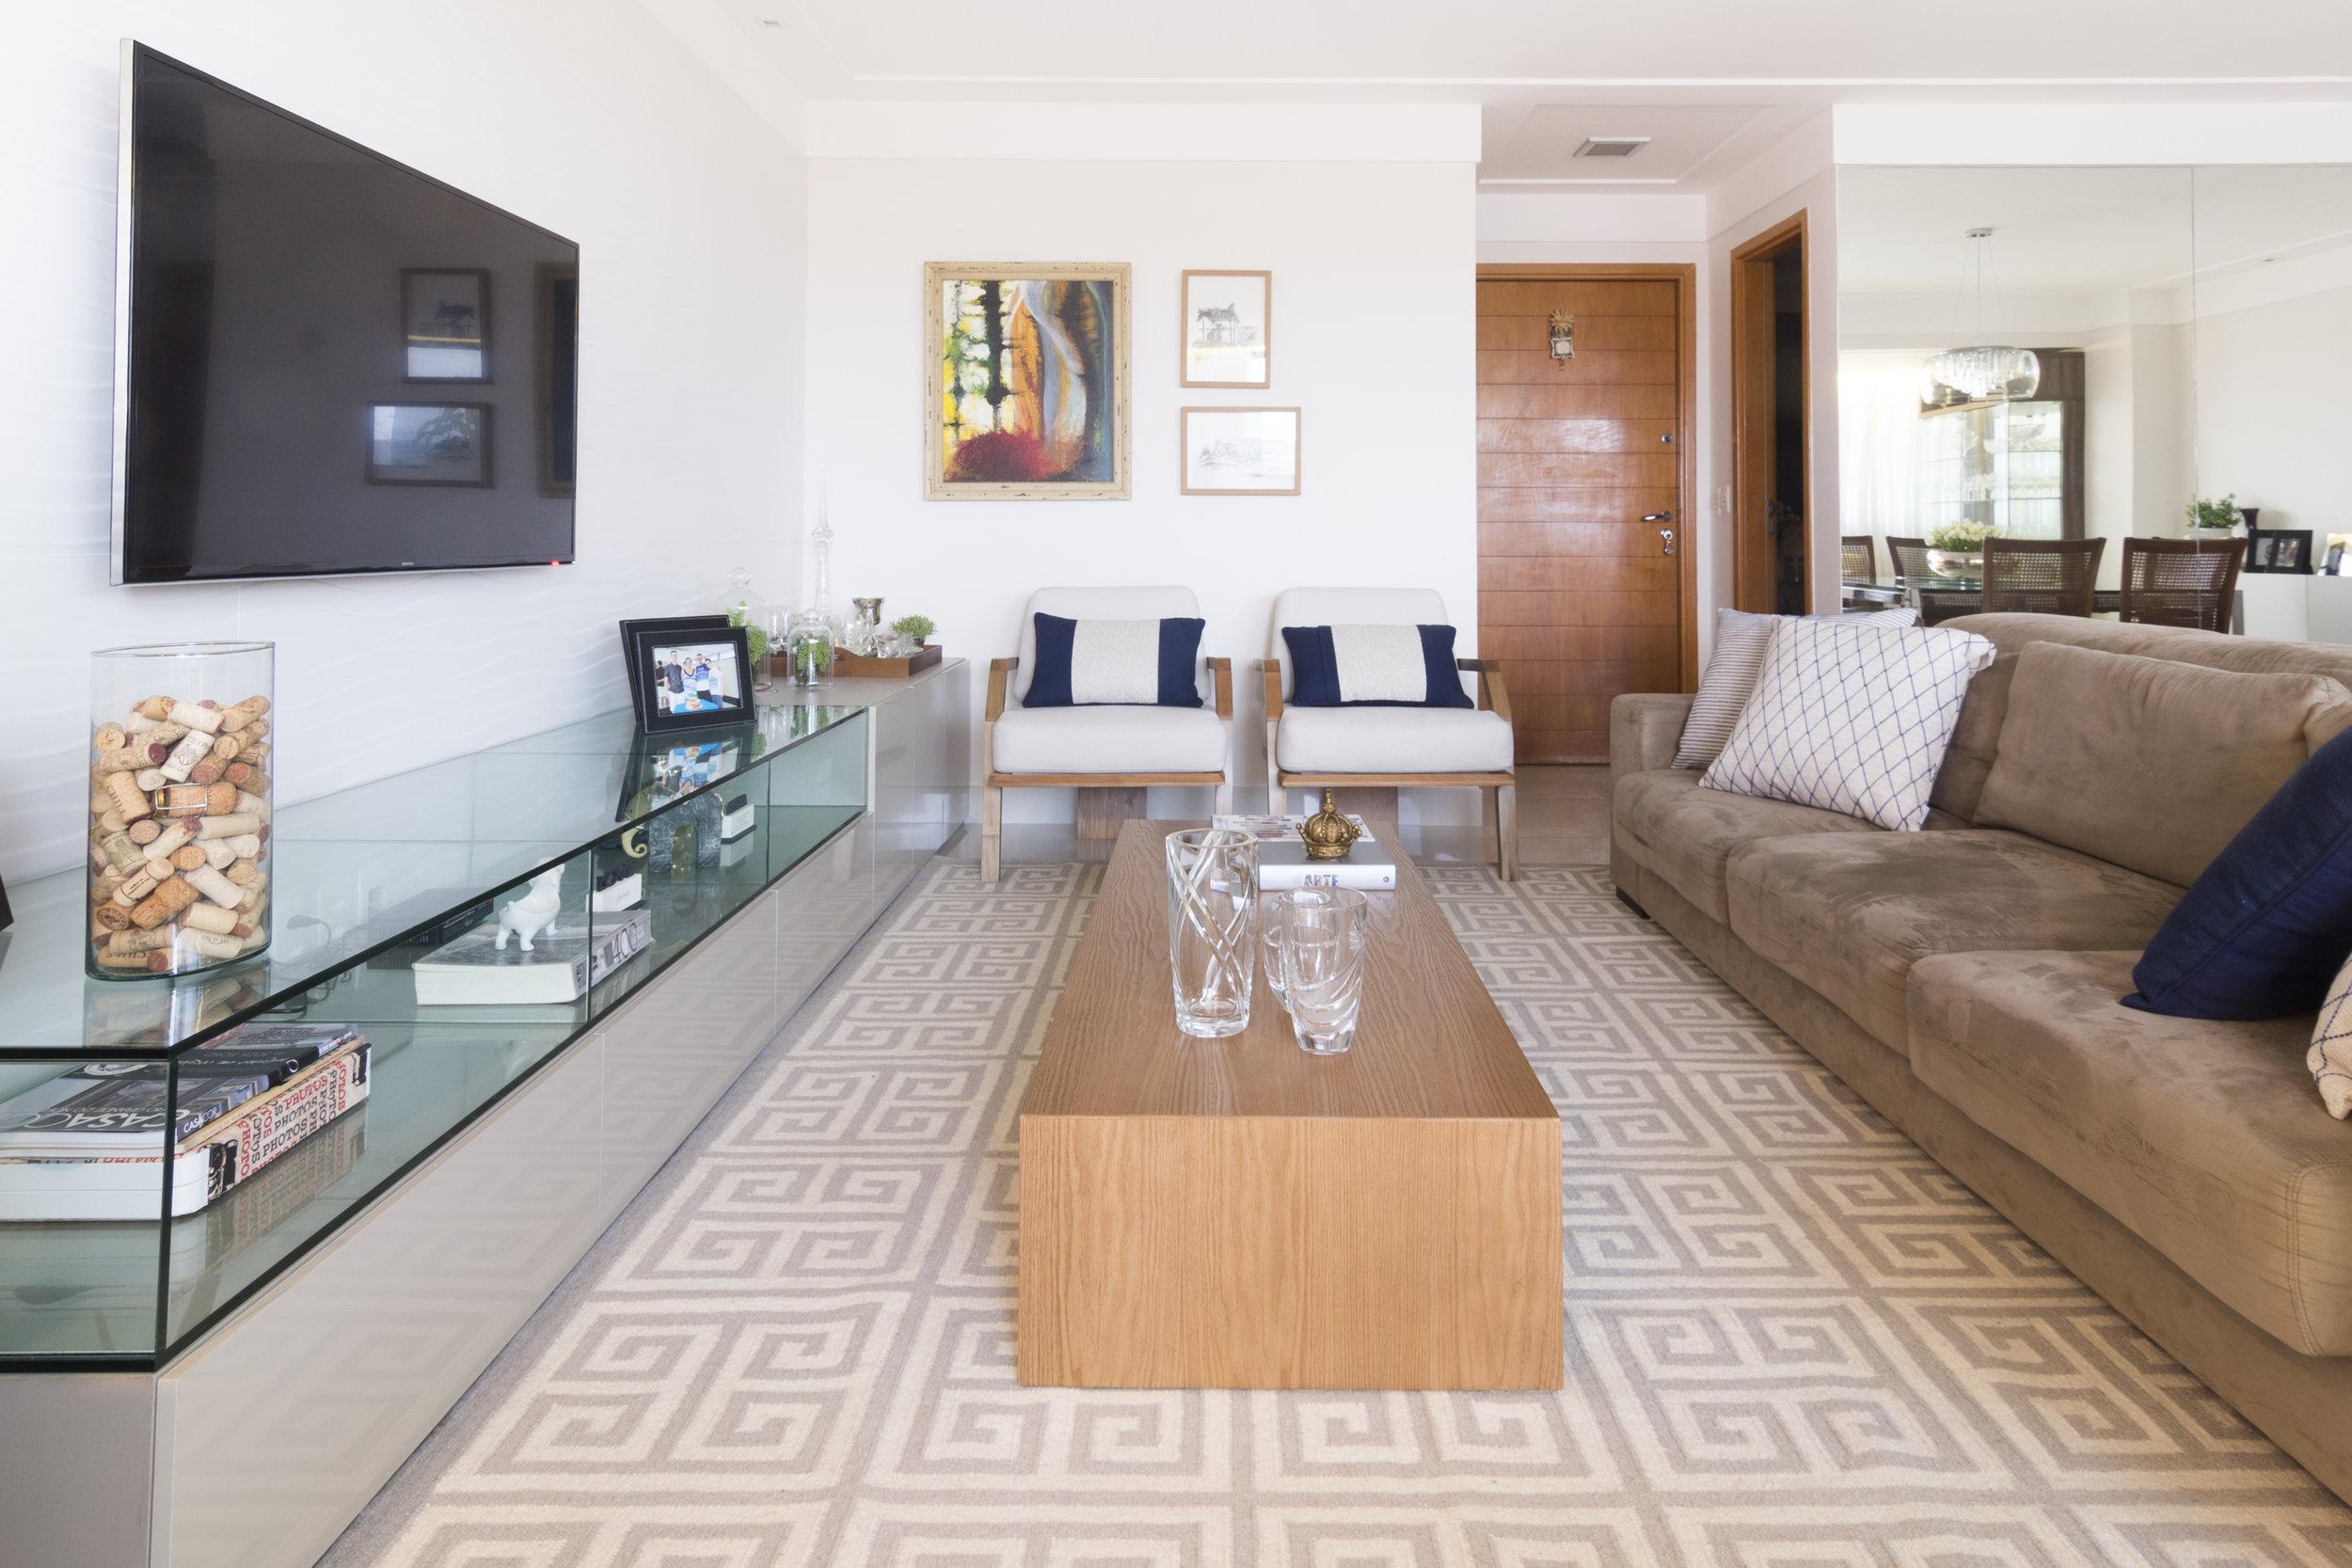 projeto-arquitetonico-luciananilton-duo-arquitetura-apartamentos-natal-04.jpg